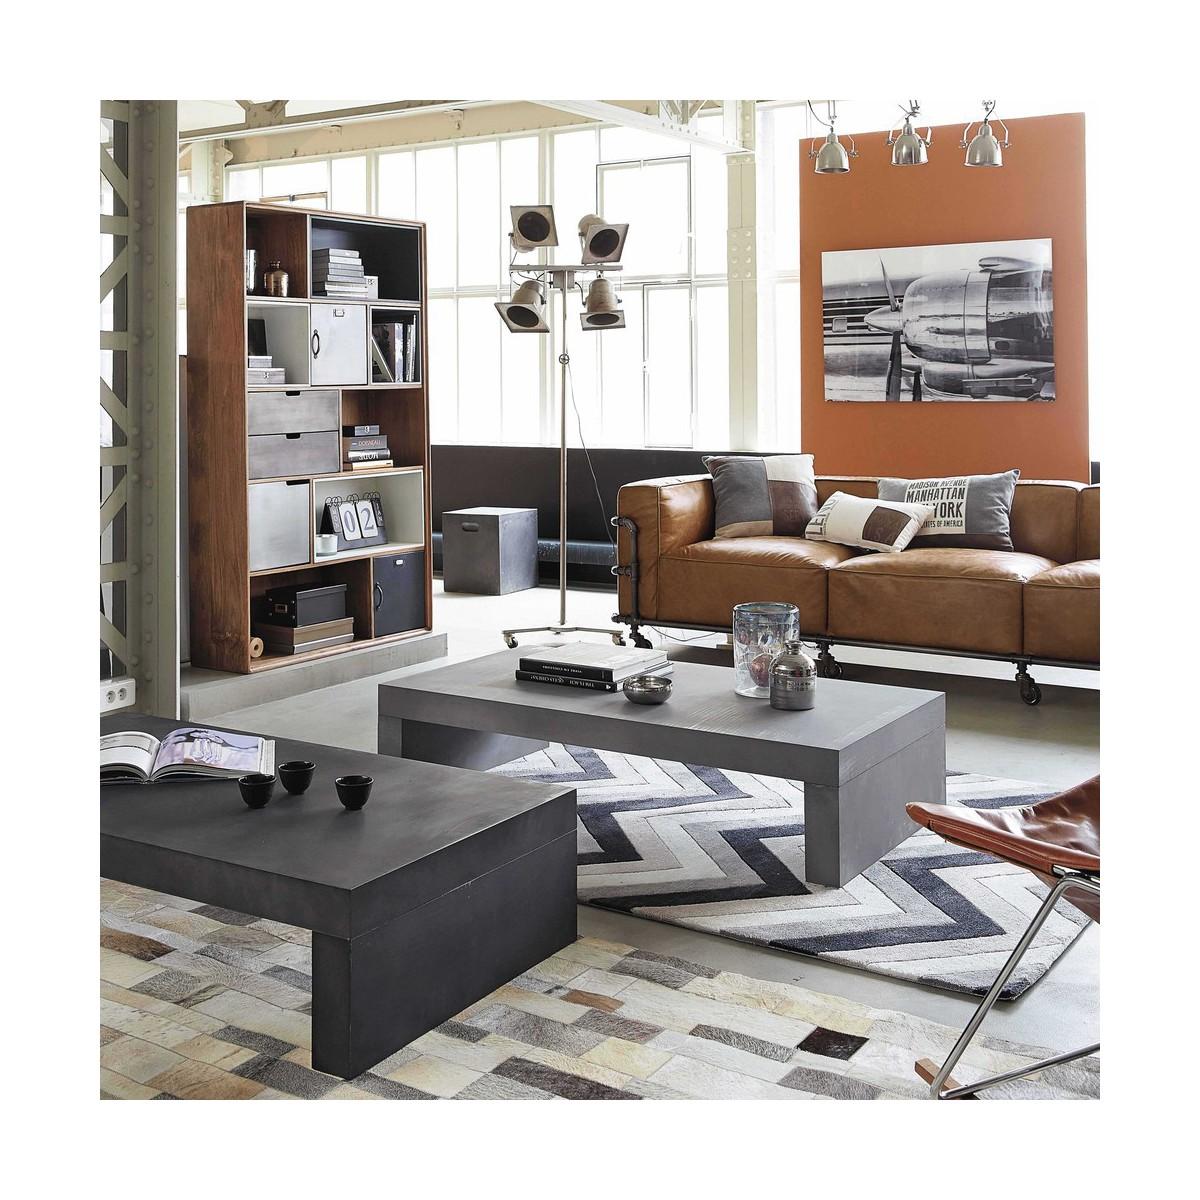 Table : Table De Jardin Effet Beton ~ Meilleures idées pour la ...